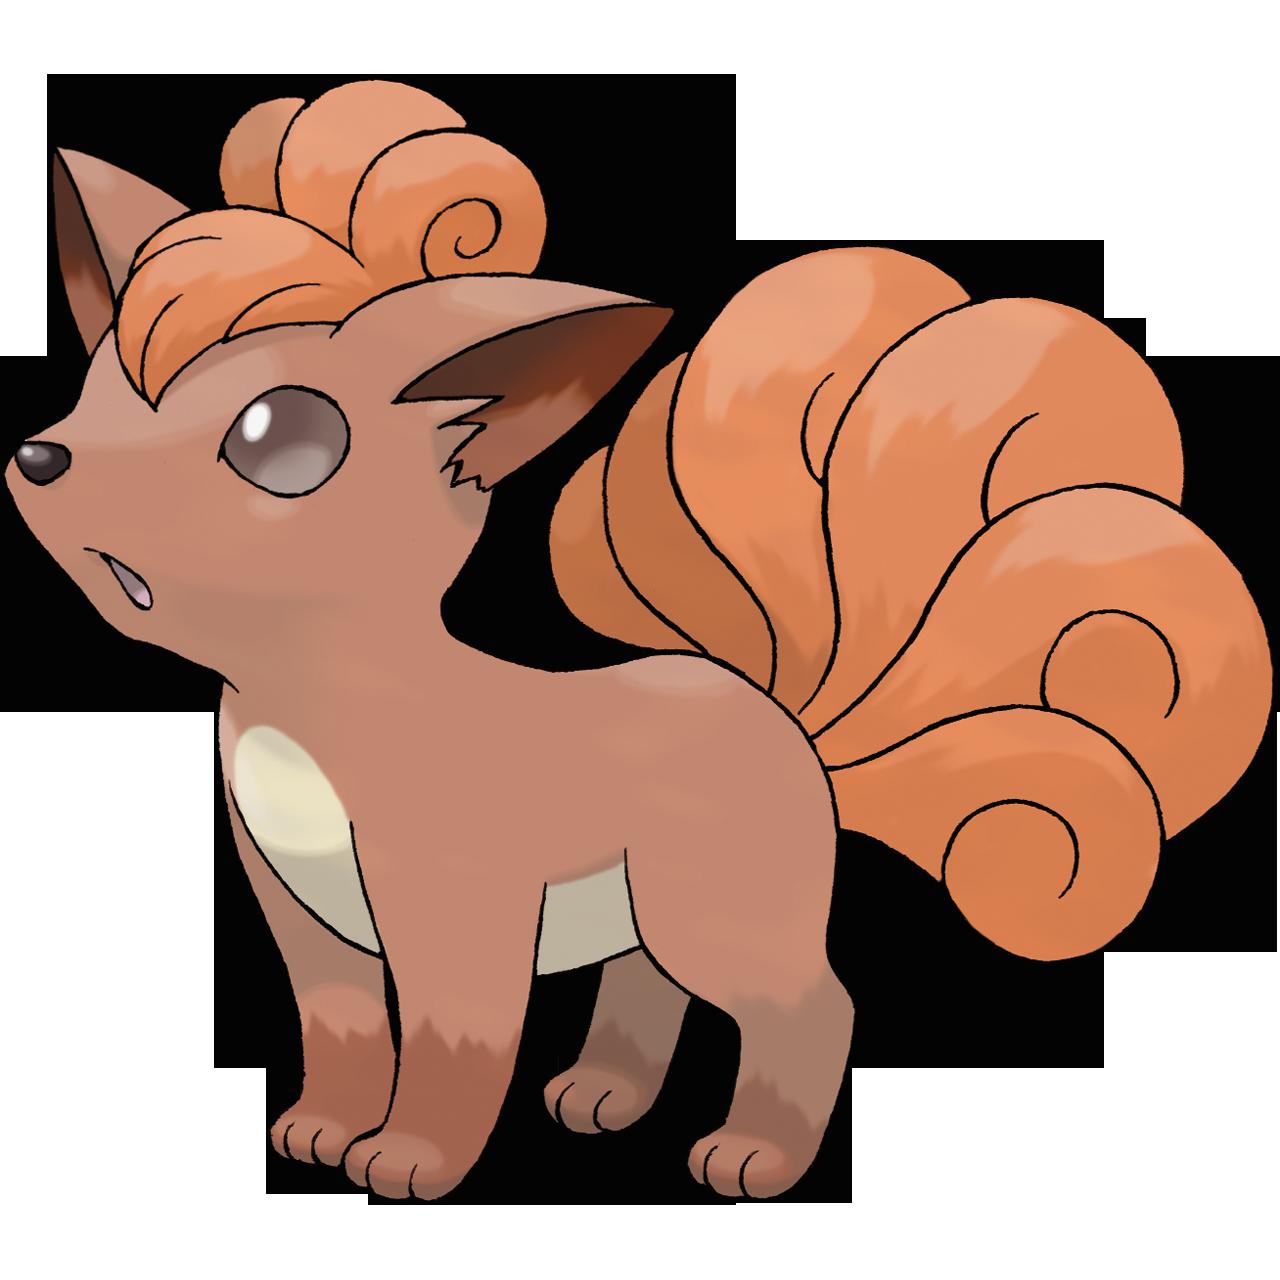 Ninetales (Pokémon)